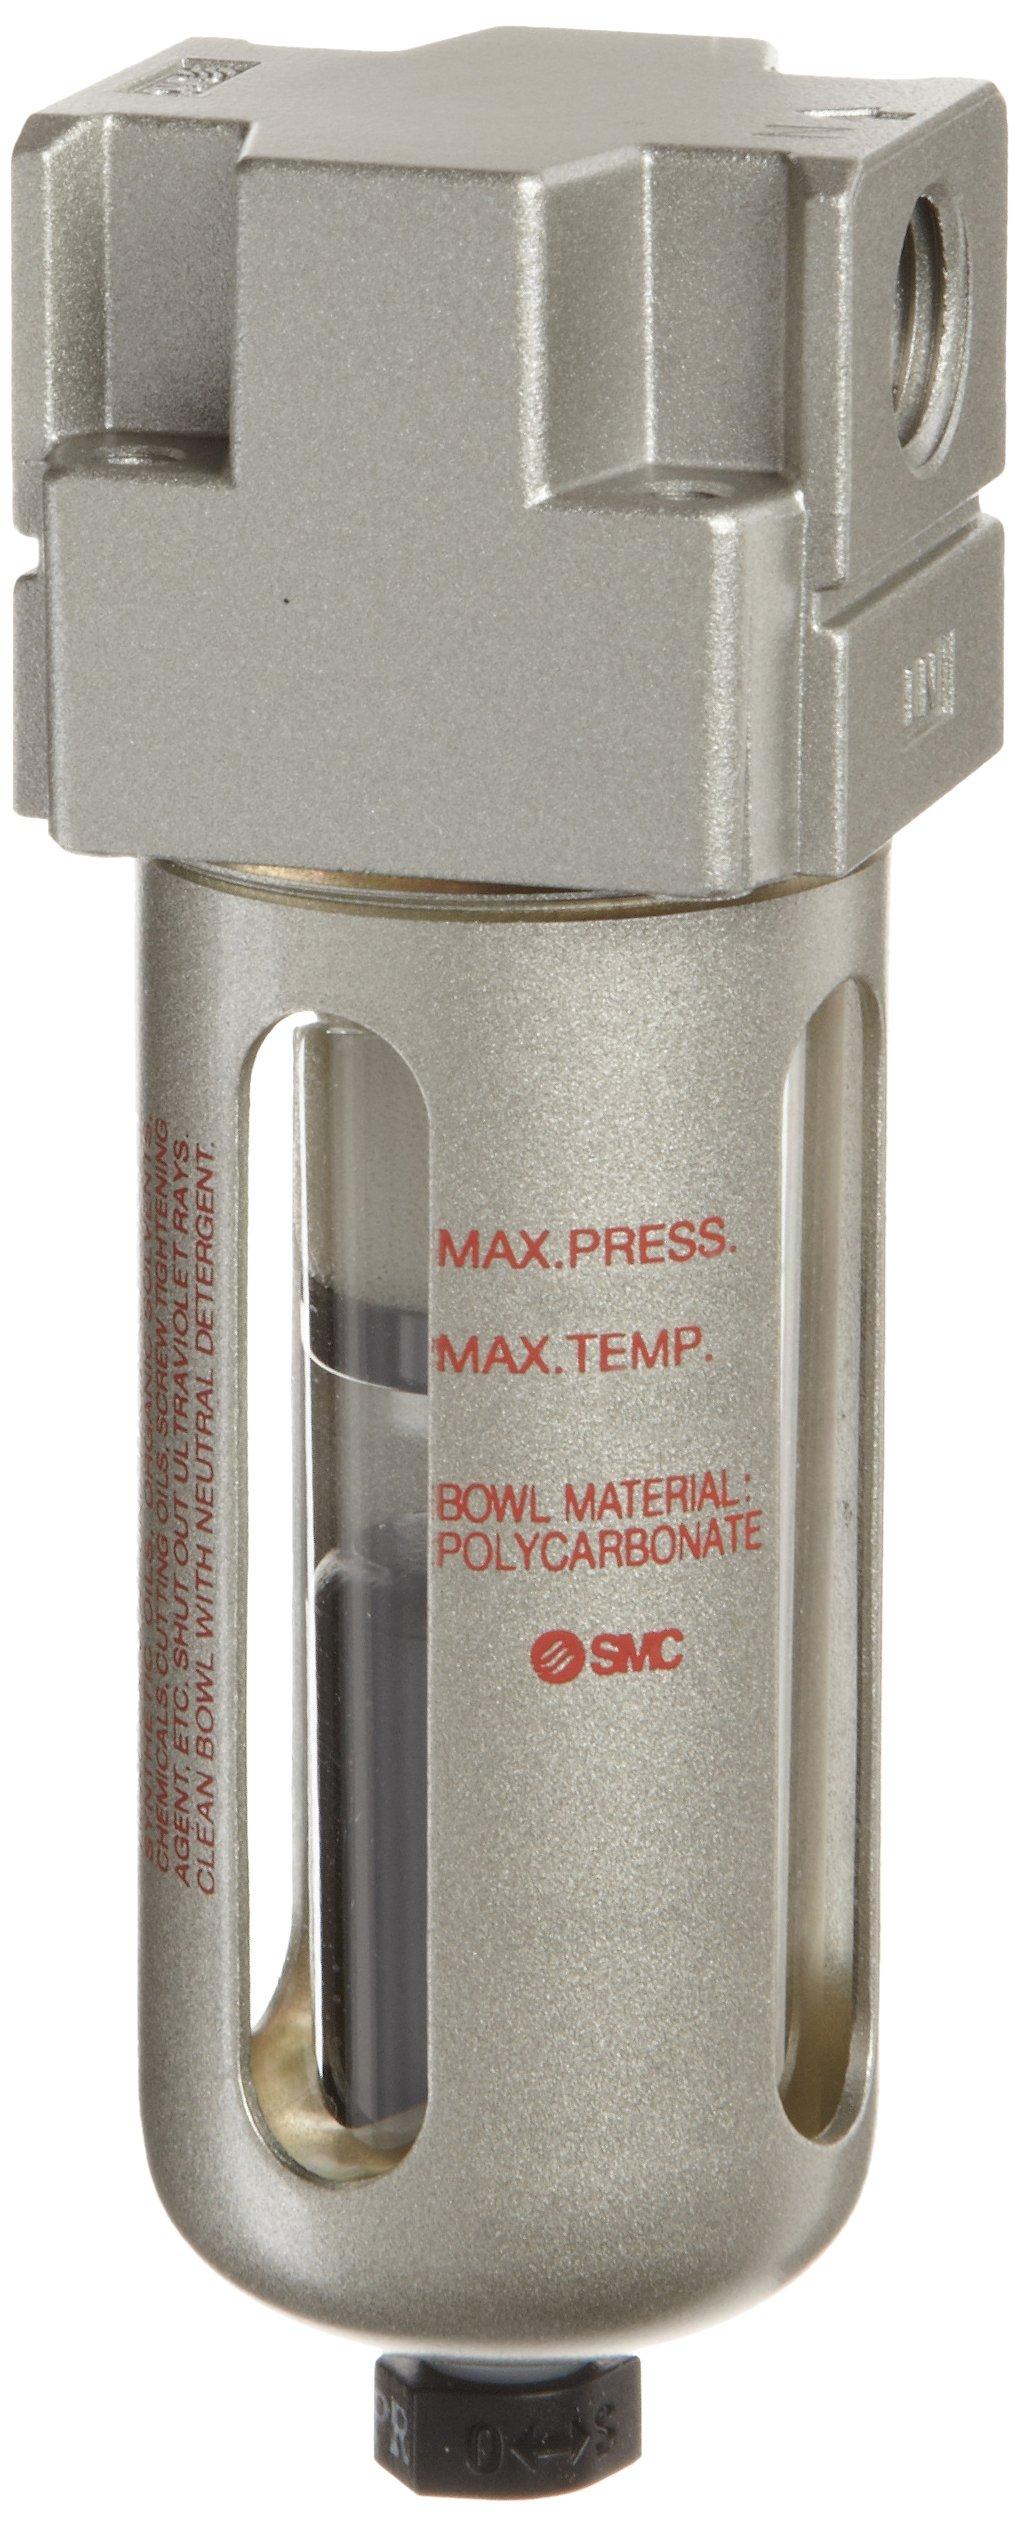 SMC AFM40P-060AS Mist Separator Filter Element for AFM40 Removes Oil Mist 0.3 Micron